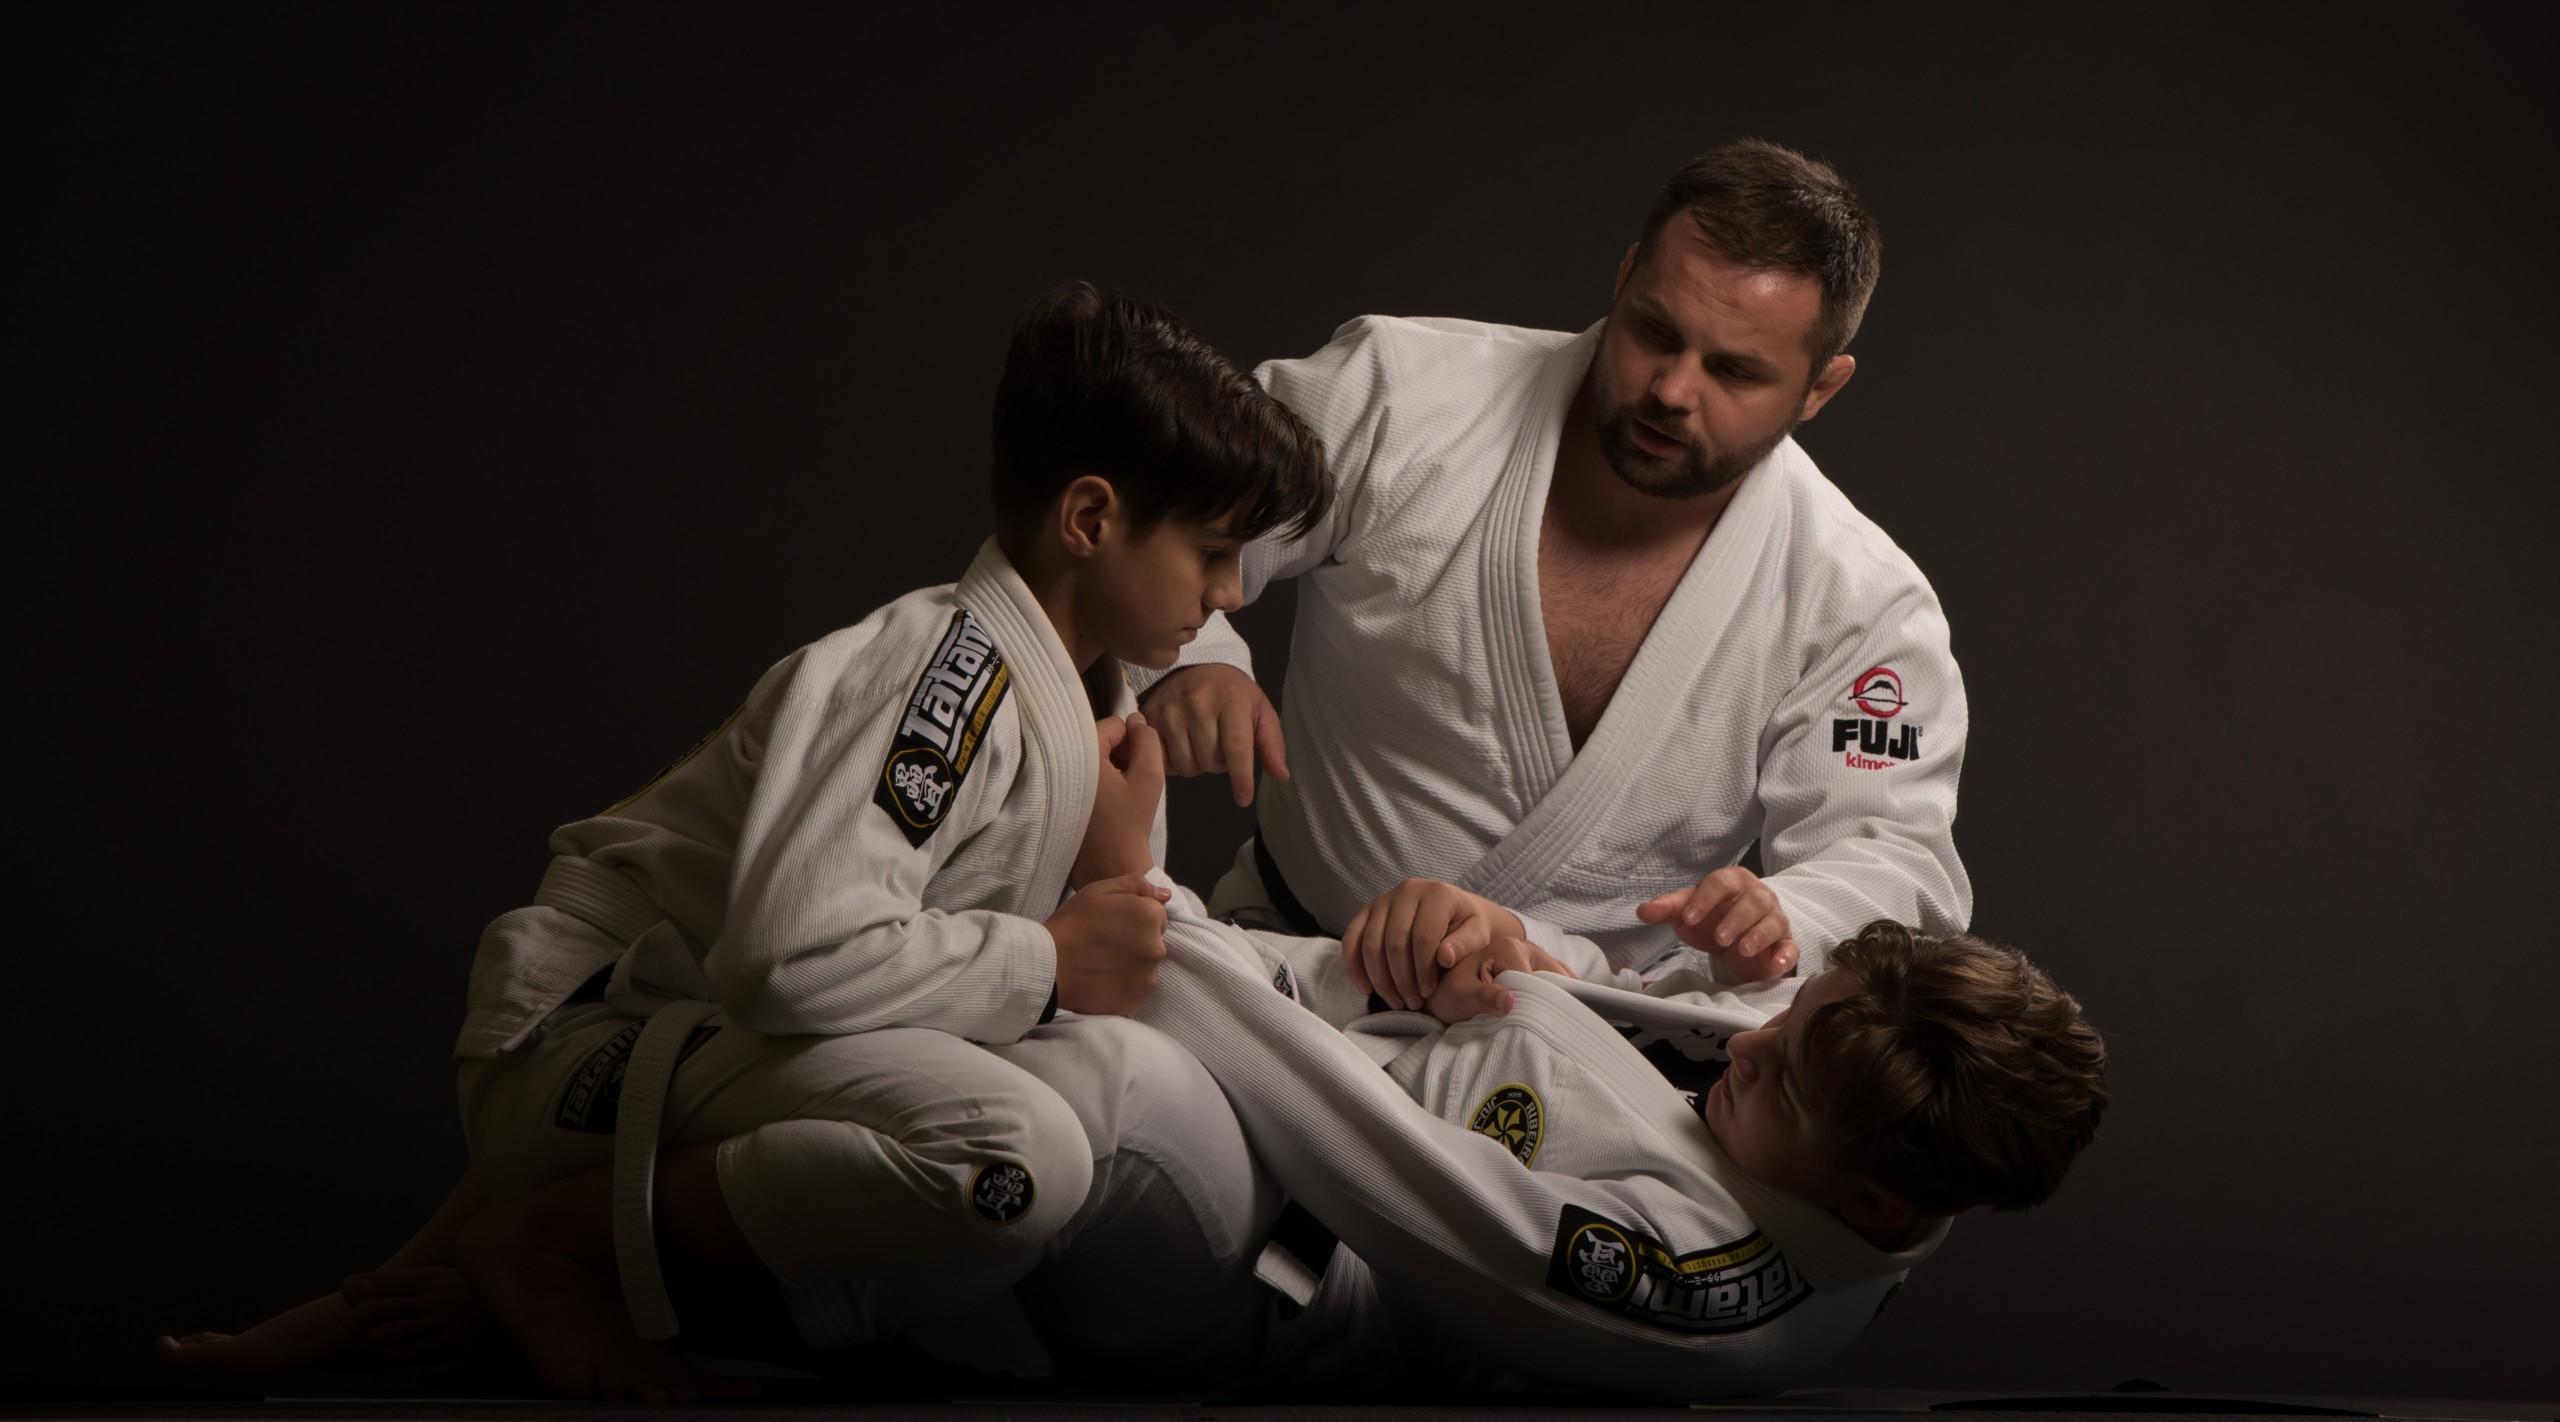 Brazilian Jiu-Jitsu & Grappling